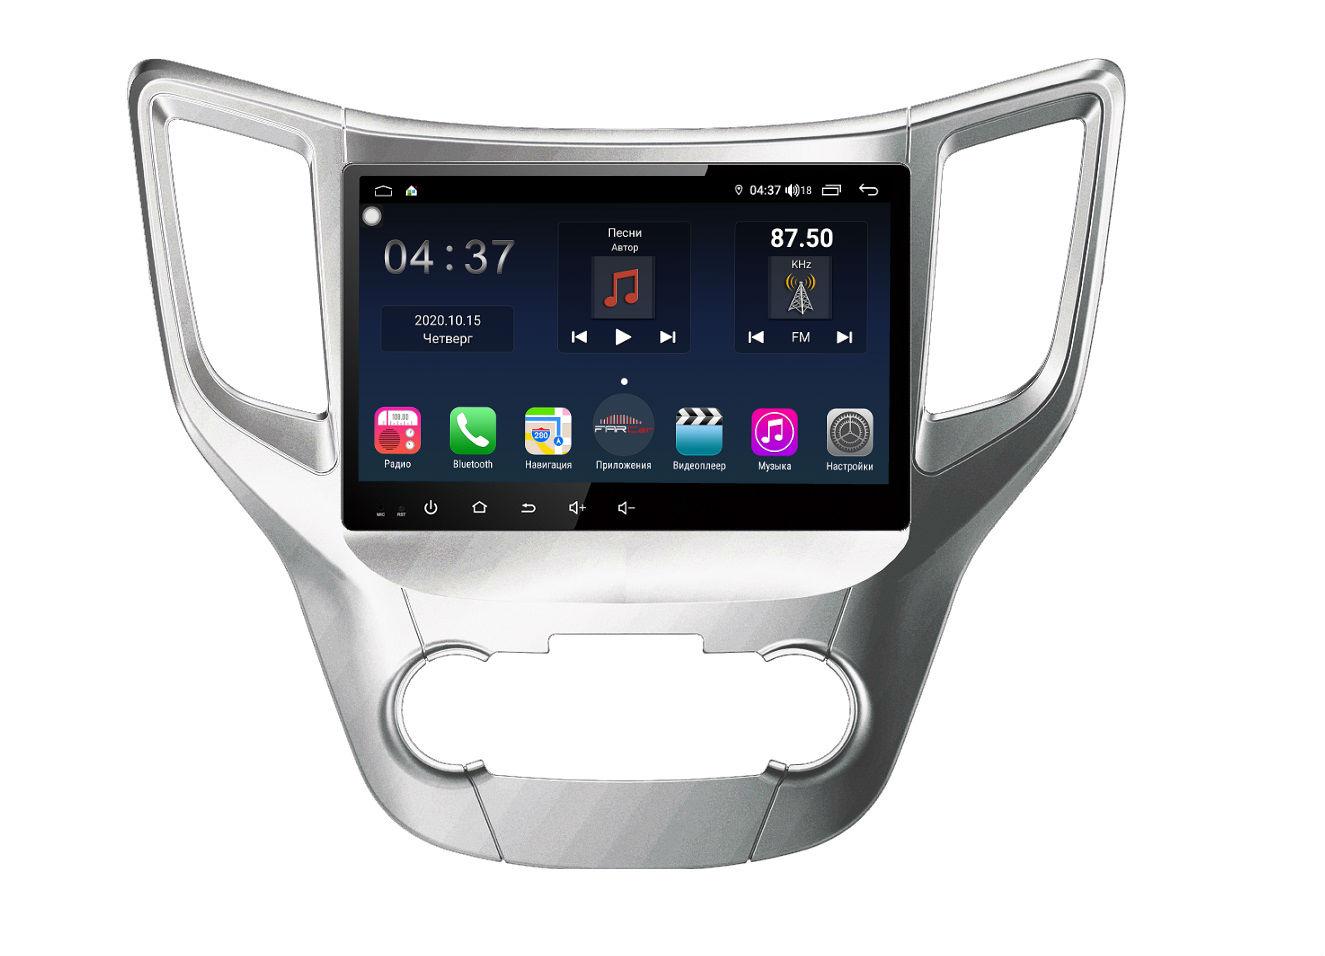 Штатная магнитола FarCar s400 для Changan на Android (TG1003R) (+ Камера заднего вида в подарок!)